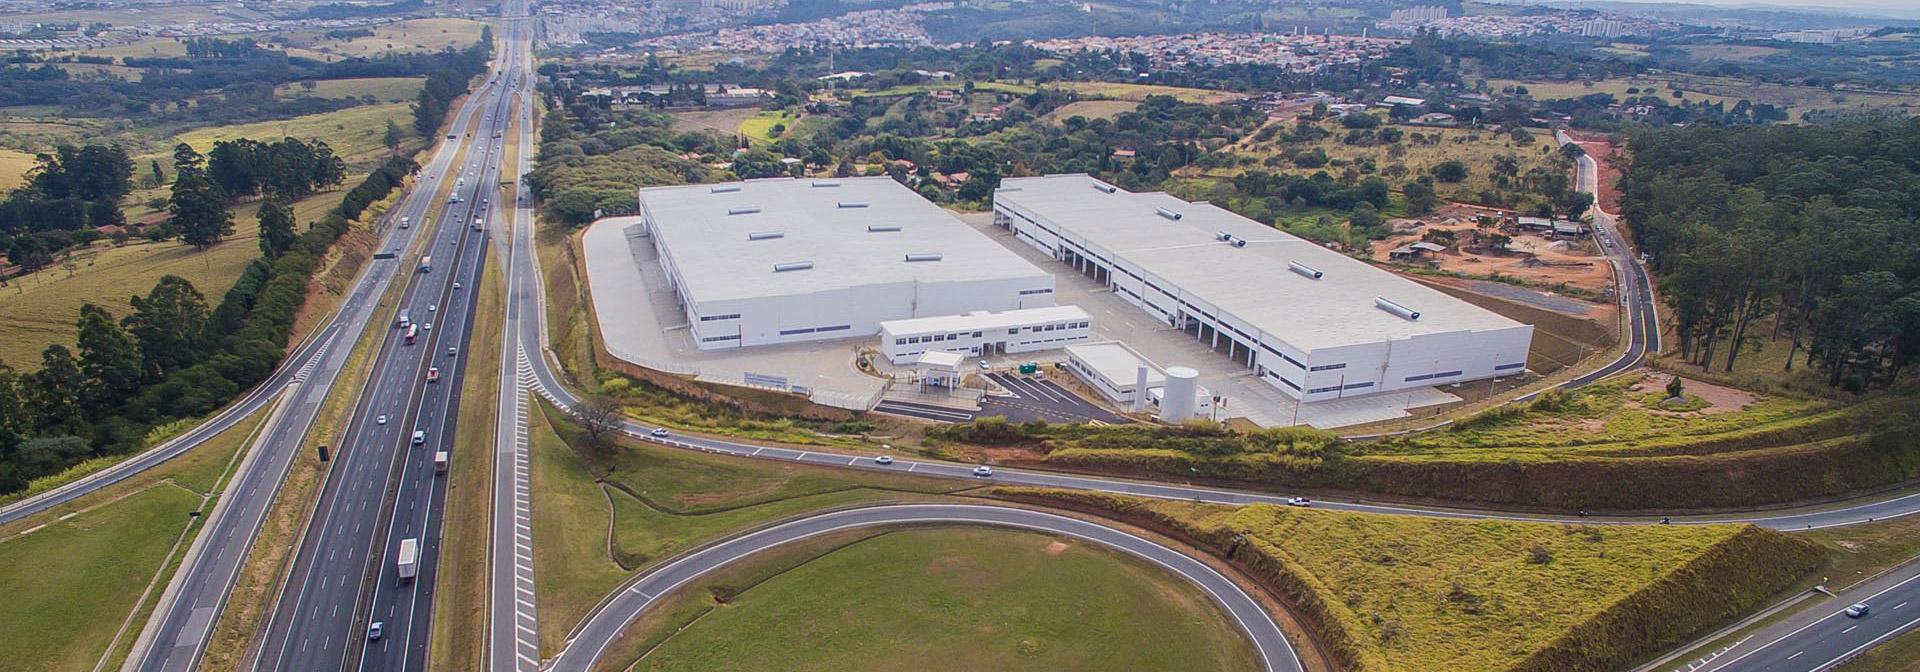 O Complexo de Galpões Multimodal Campinas é o mais empreendimento para locação da SDI Desenvolvimento Imobiliário, estrategicamente localizado em Campinas